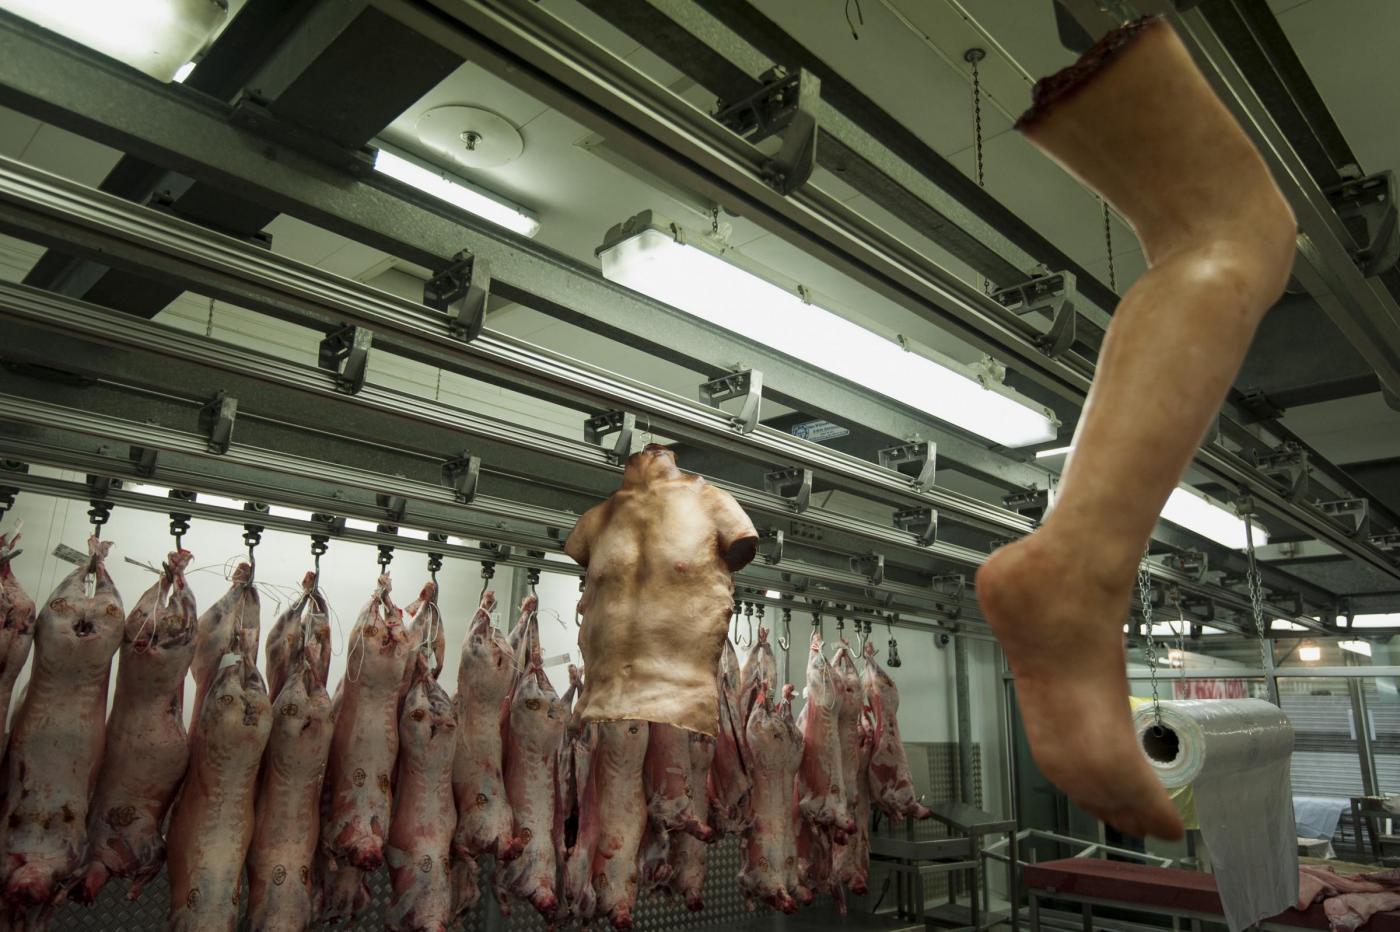 La macelleria 'Human butchery' apre a Londra07